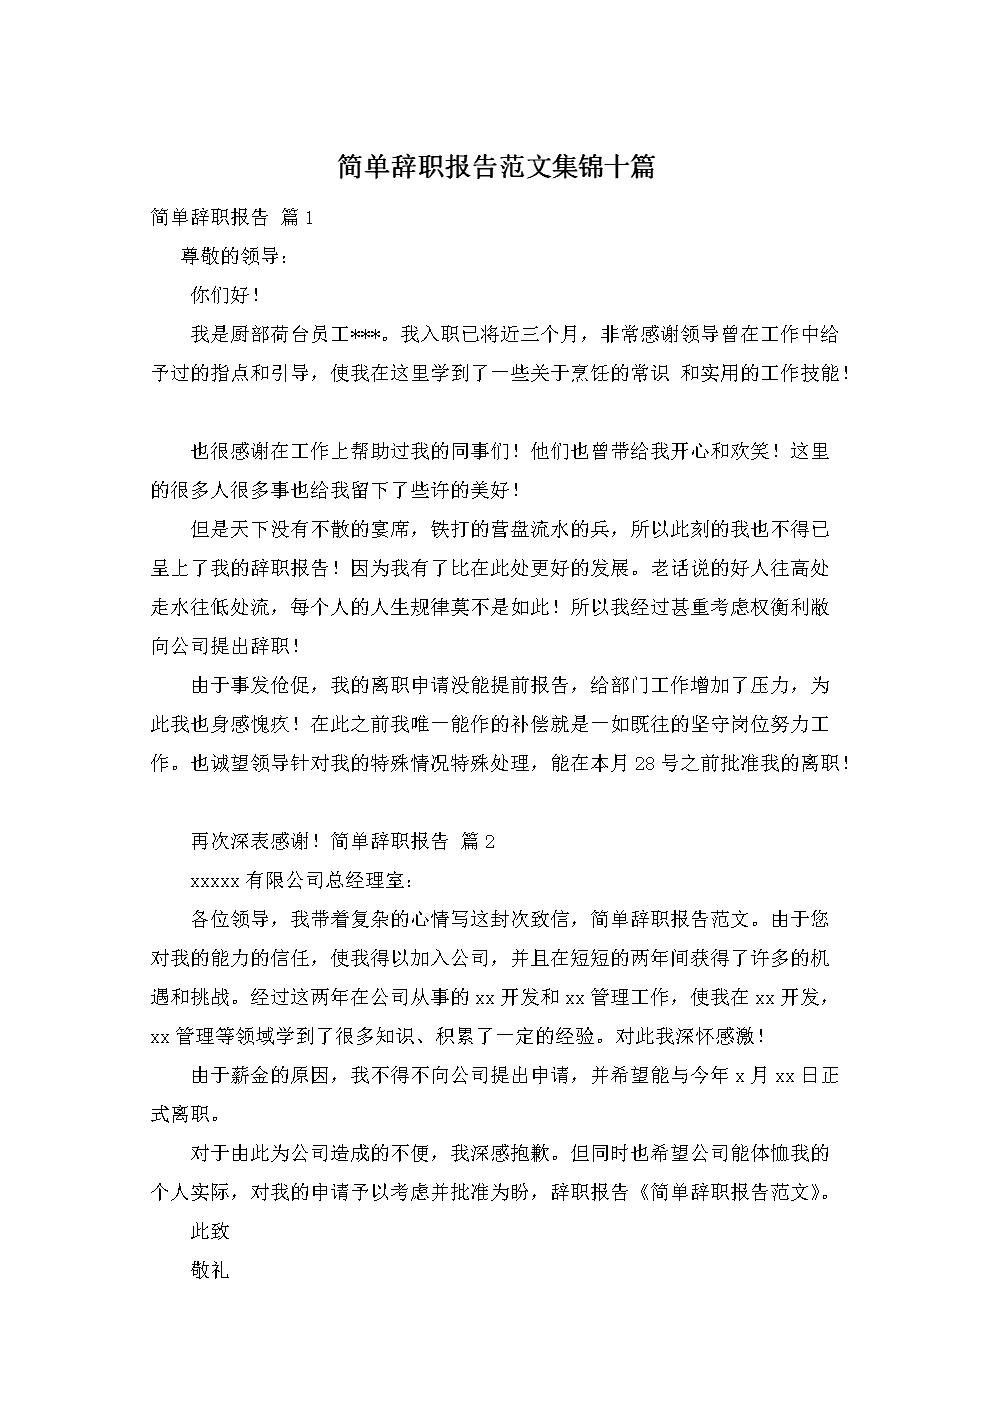 简单辞职报告范文集锦十篇.doc